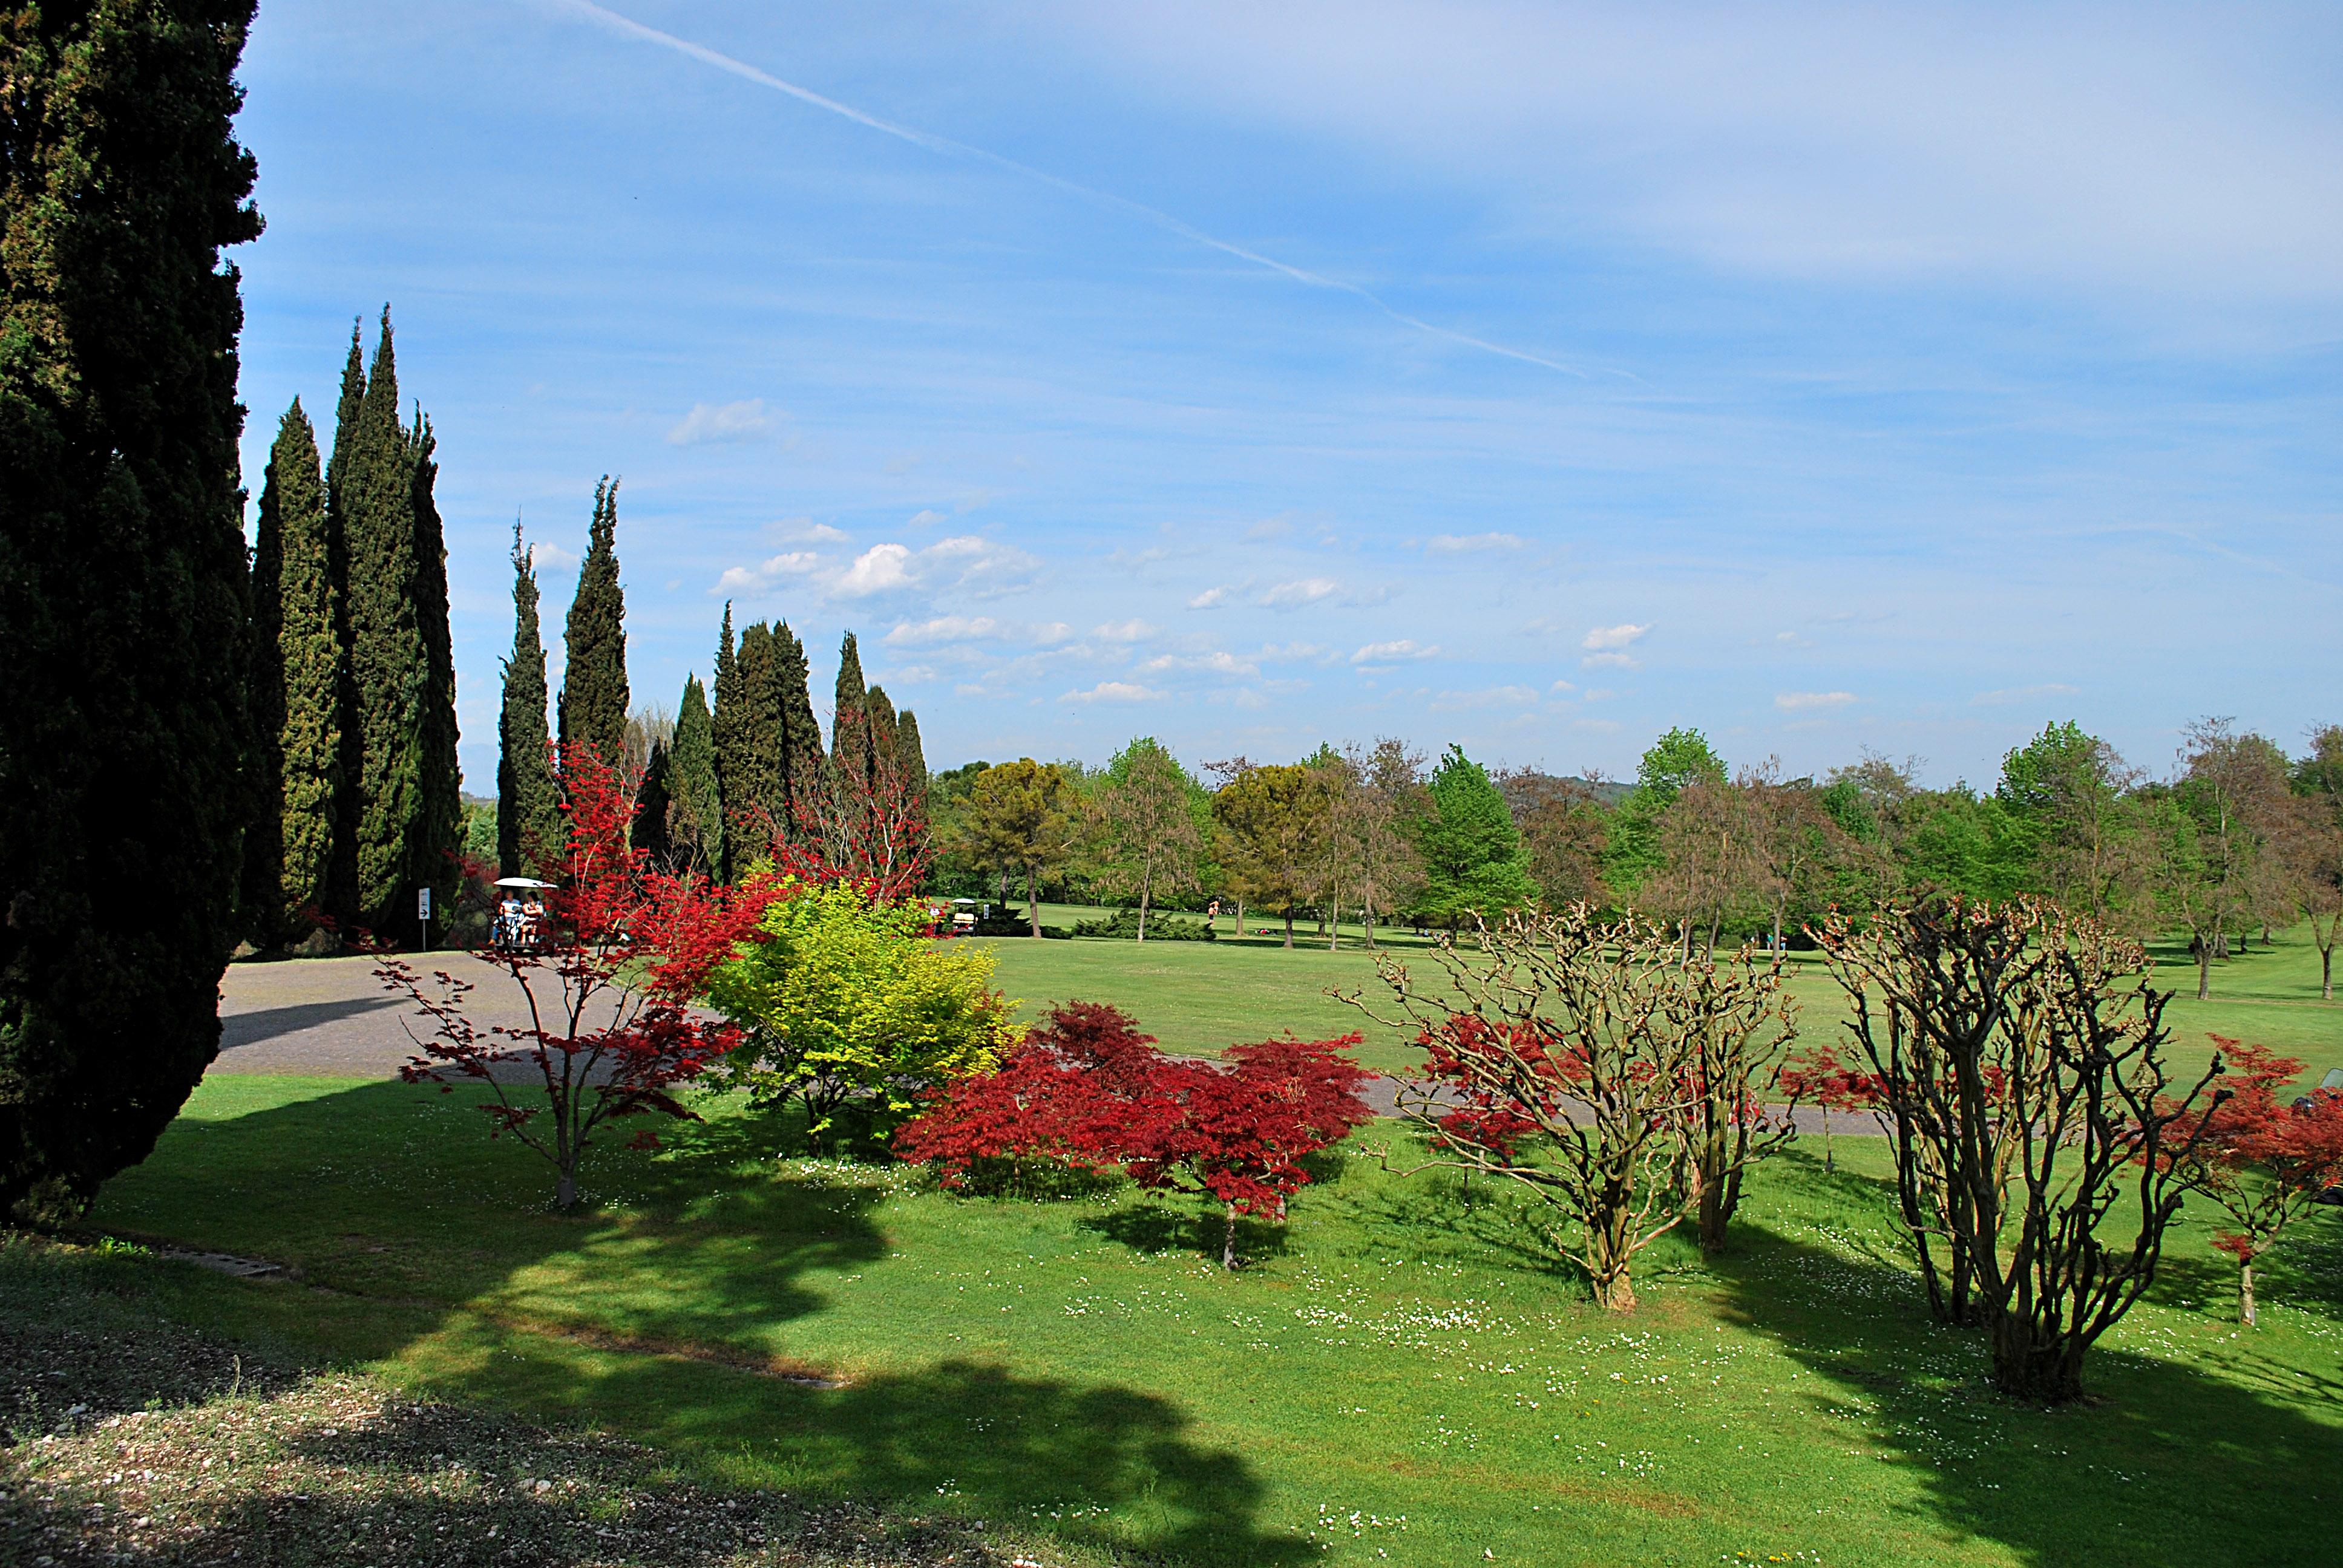 Parco giardino sigurt valeggio sul mincio notizie - Parco giardino sigurta valeggio sul mincio vr ...